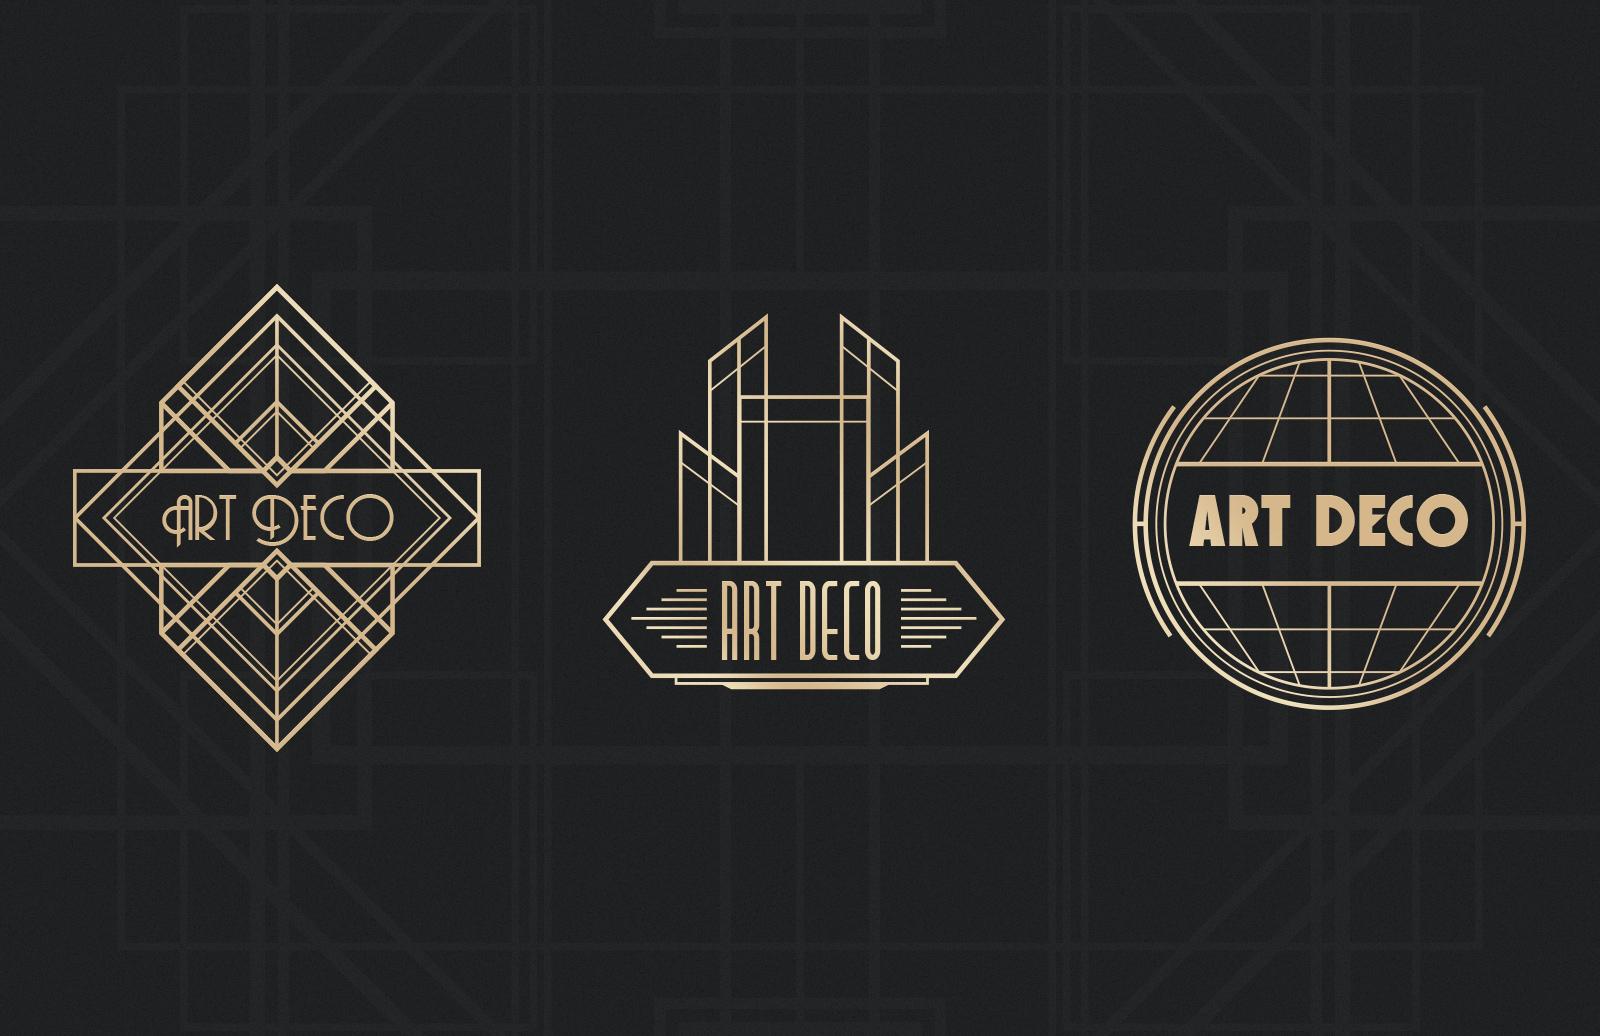 Art deco badges medialoot - What is art deco ...